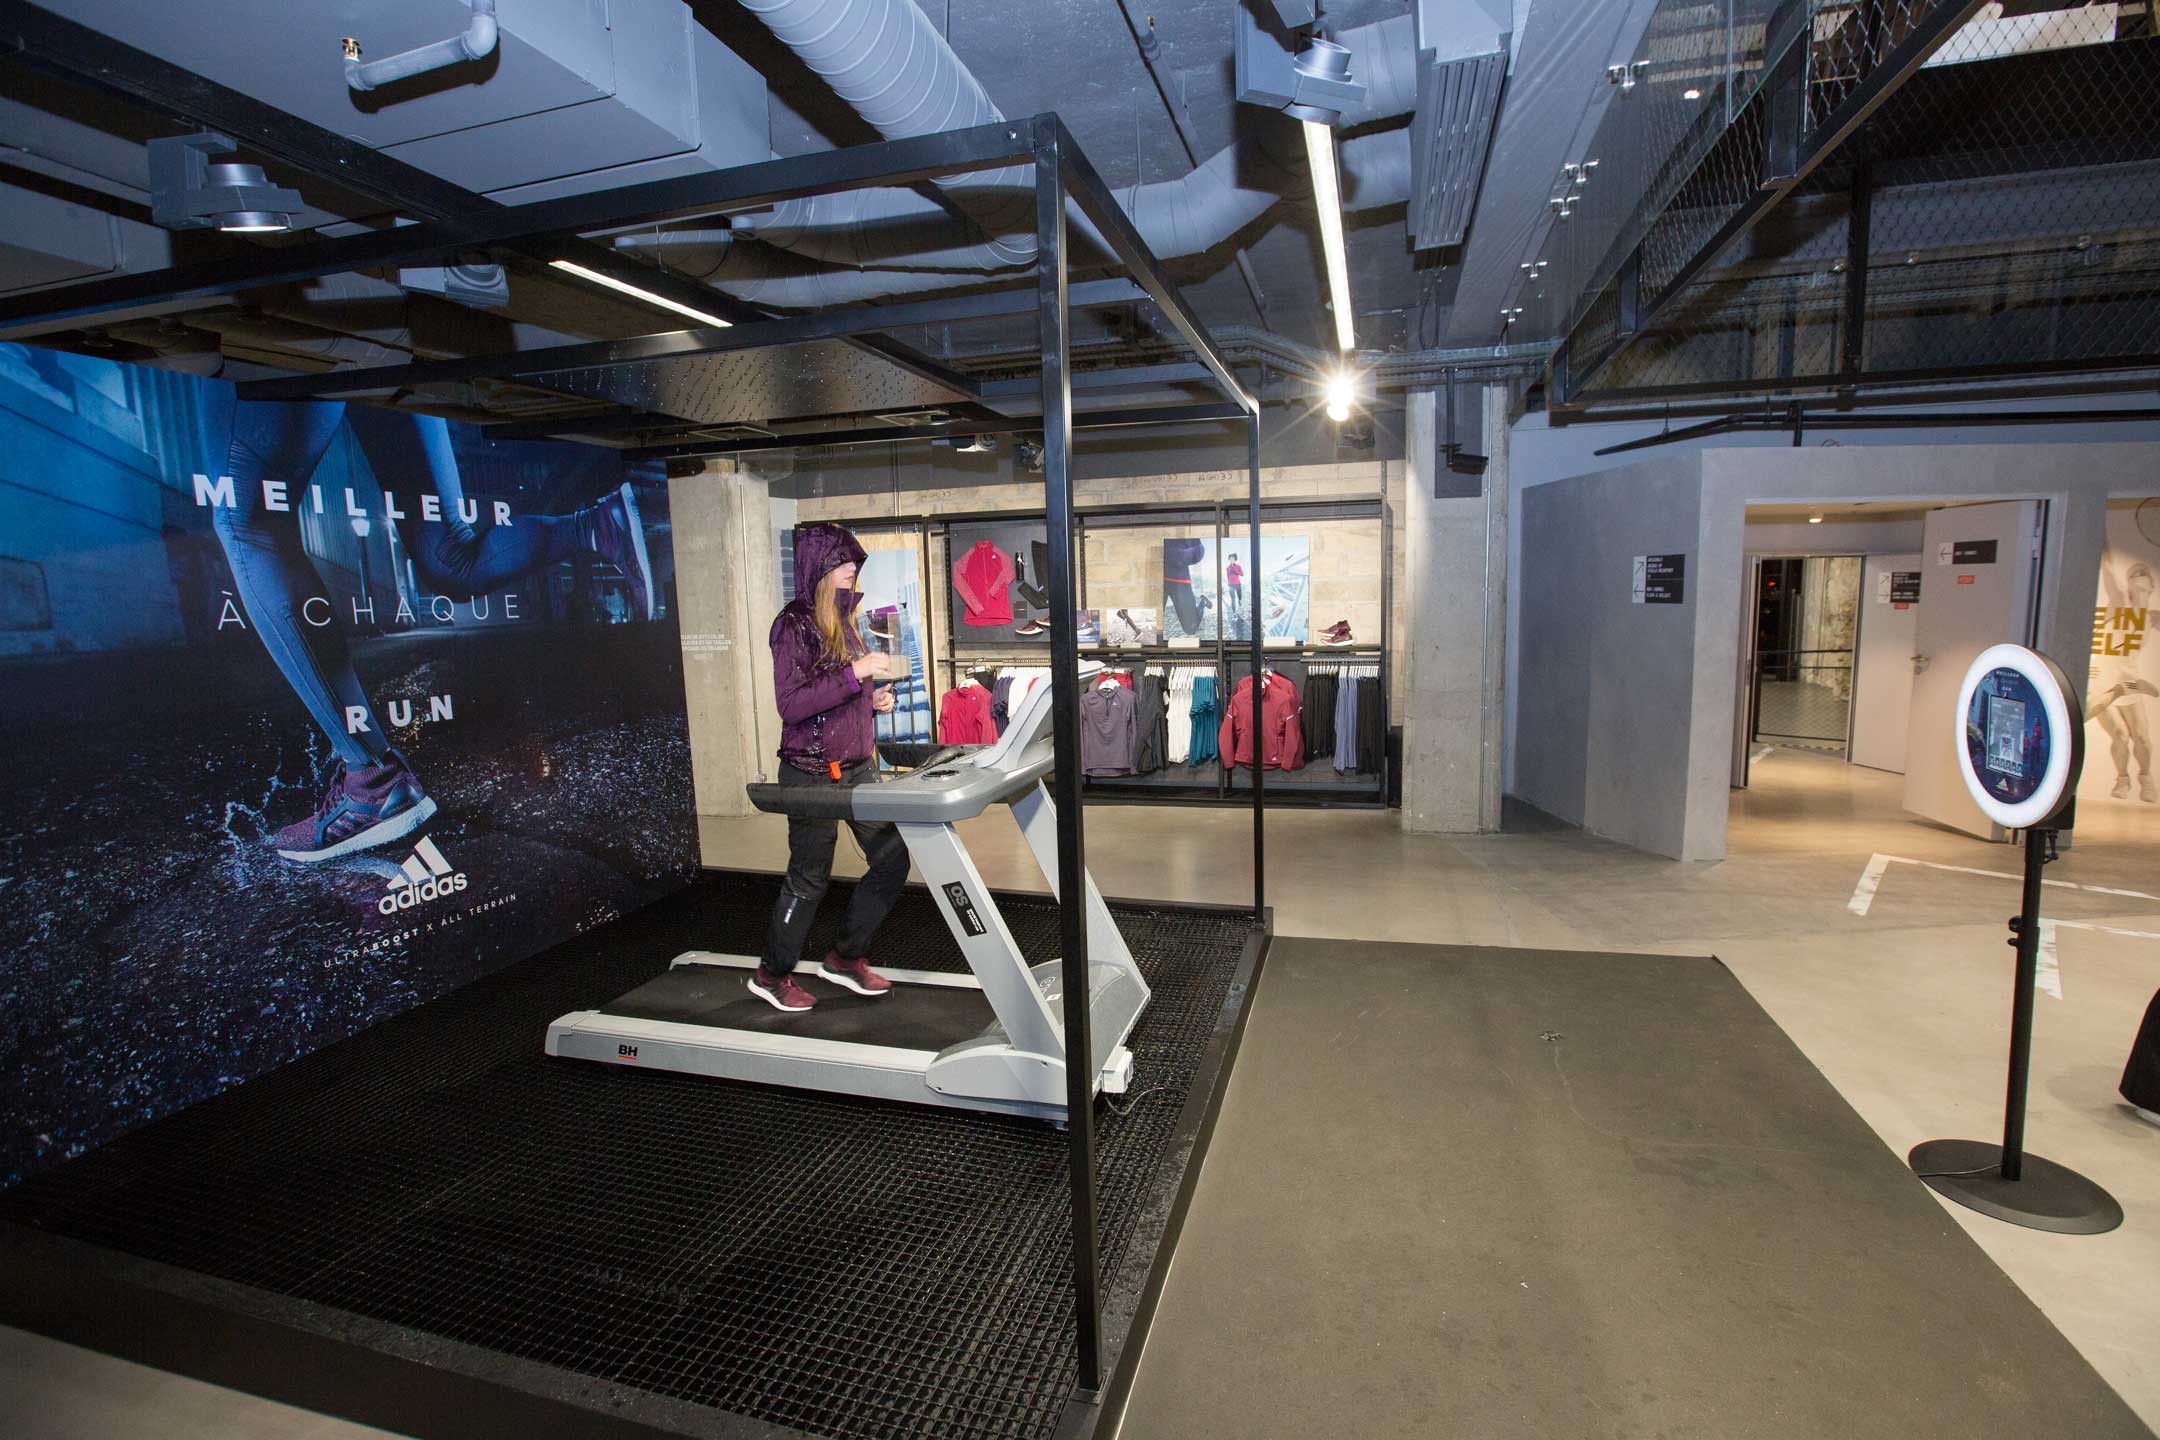 Dans un magasin Adidas, le photobooth de Josepho est installé face à un tapis de course et un photocall. Une femme est sur le tapis de course en train de se prendre en photo avec le photobooth de Josepho personnalisé aux couleurs et logo Adidas.